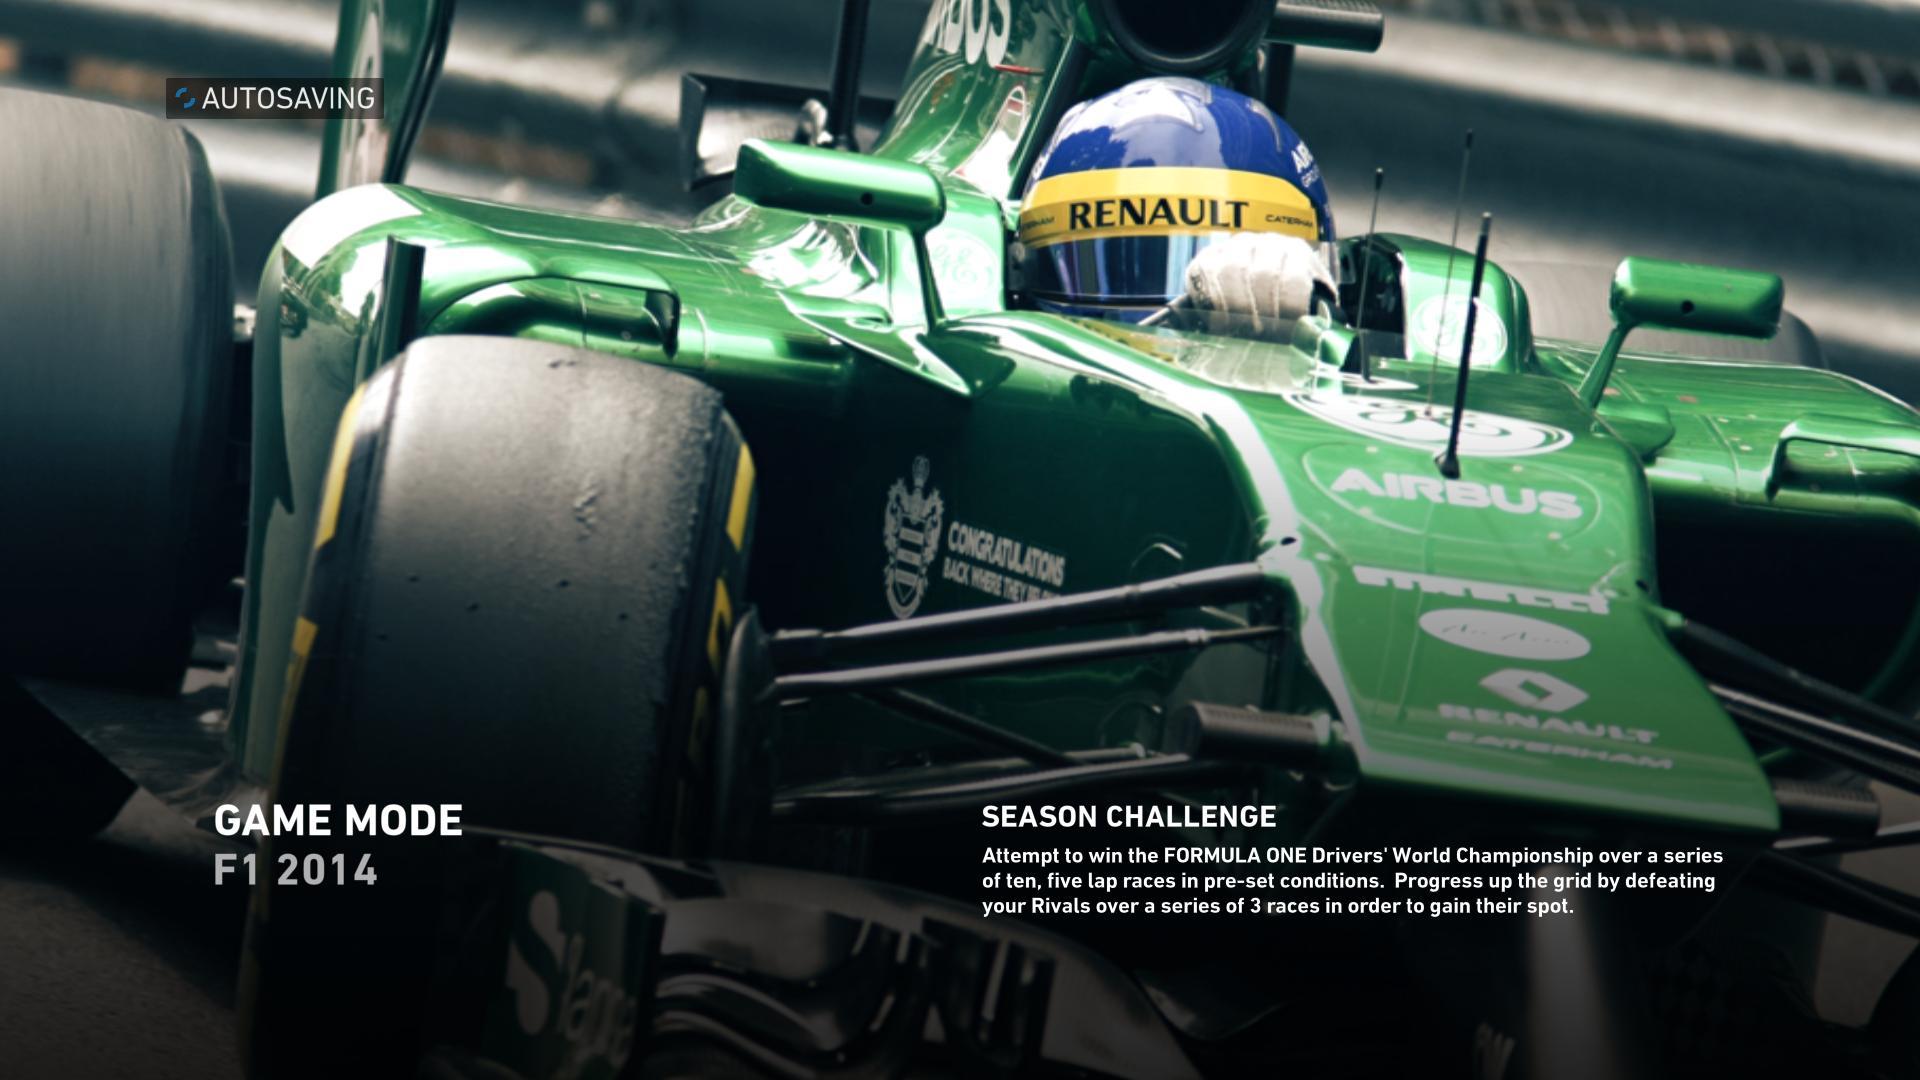 F1 2014 Loading Screen #3